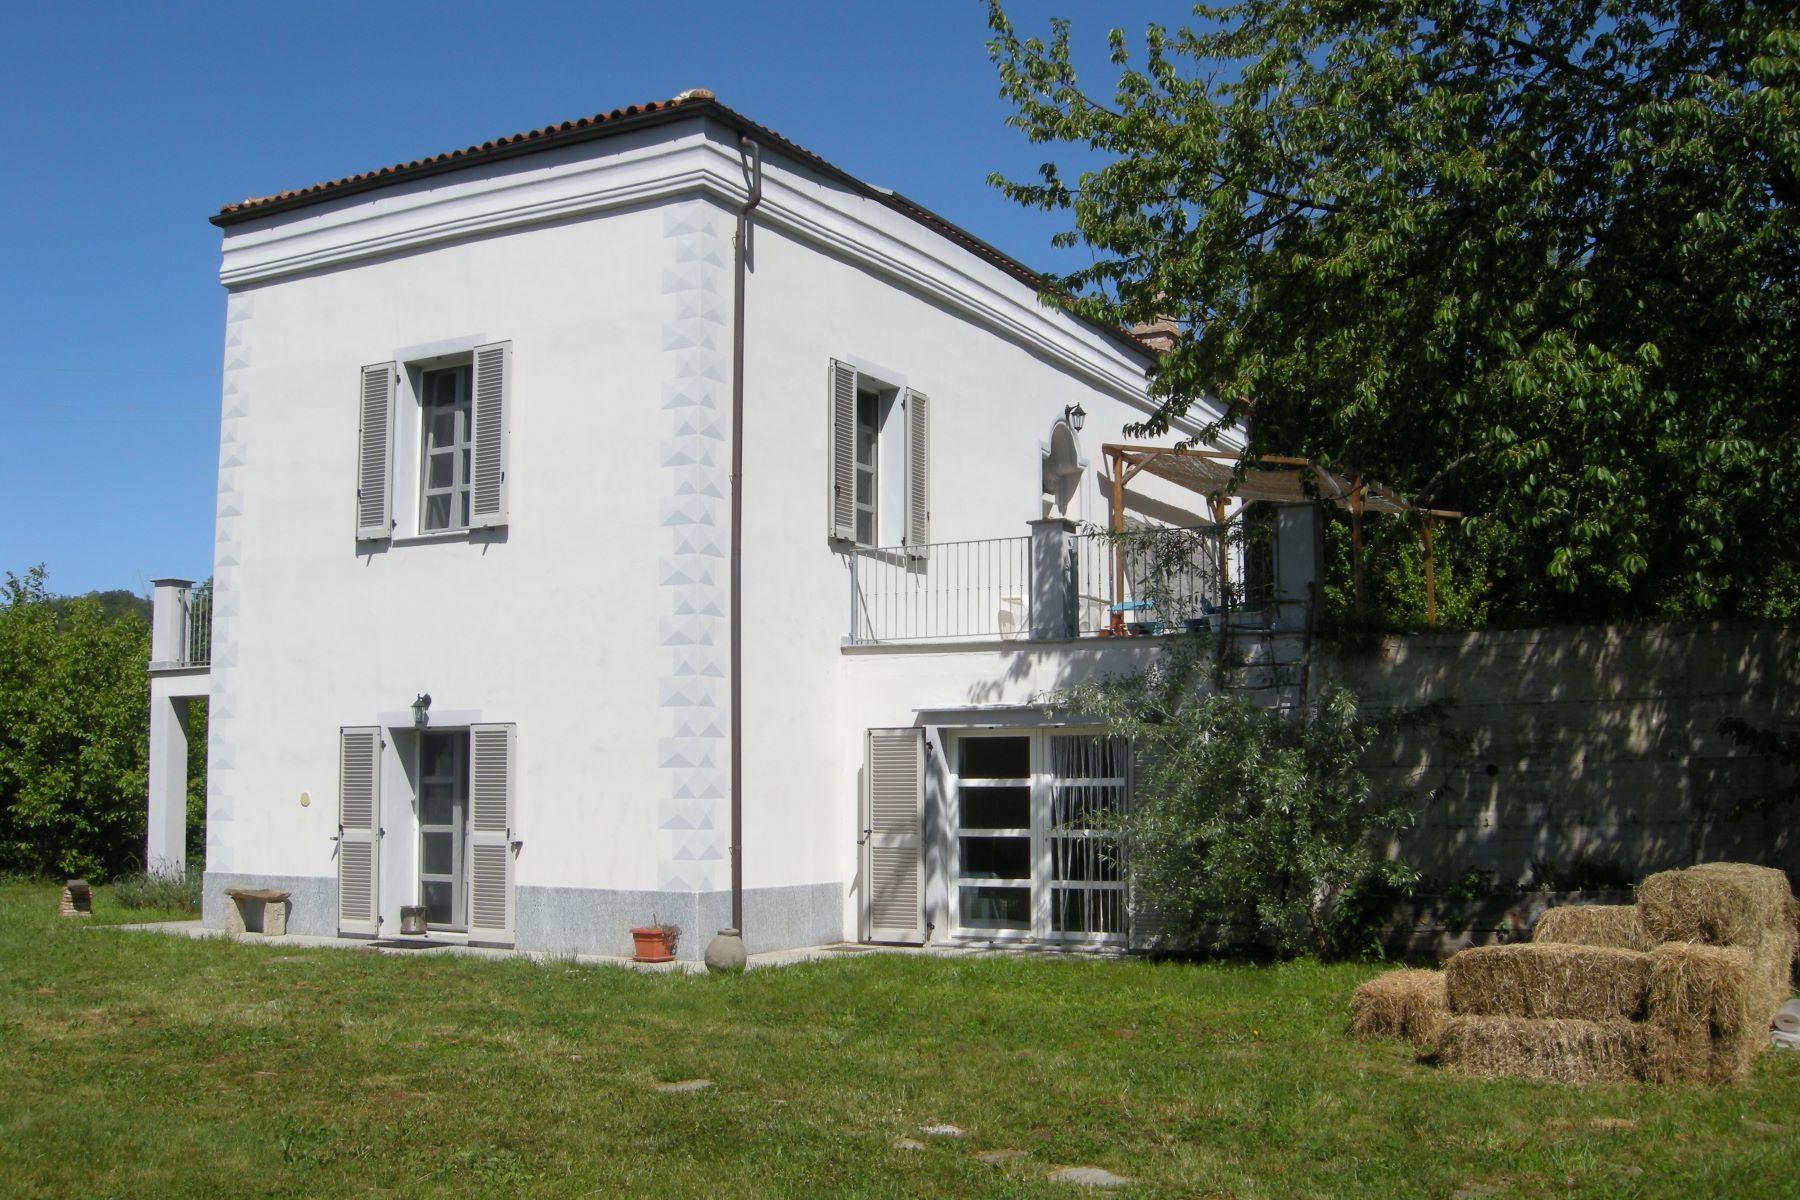 独户住宅 为 销售 在 Seventeenth century country property renovated in 2011 Malvicino 马尔维奇诺, 亚历山德里亚 15015, 皮埃蒙特 / 皮埃蒙特, 意大利